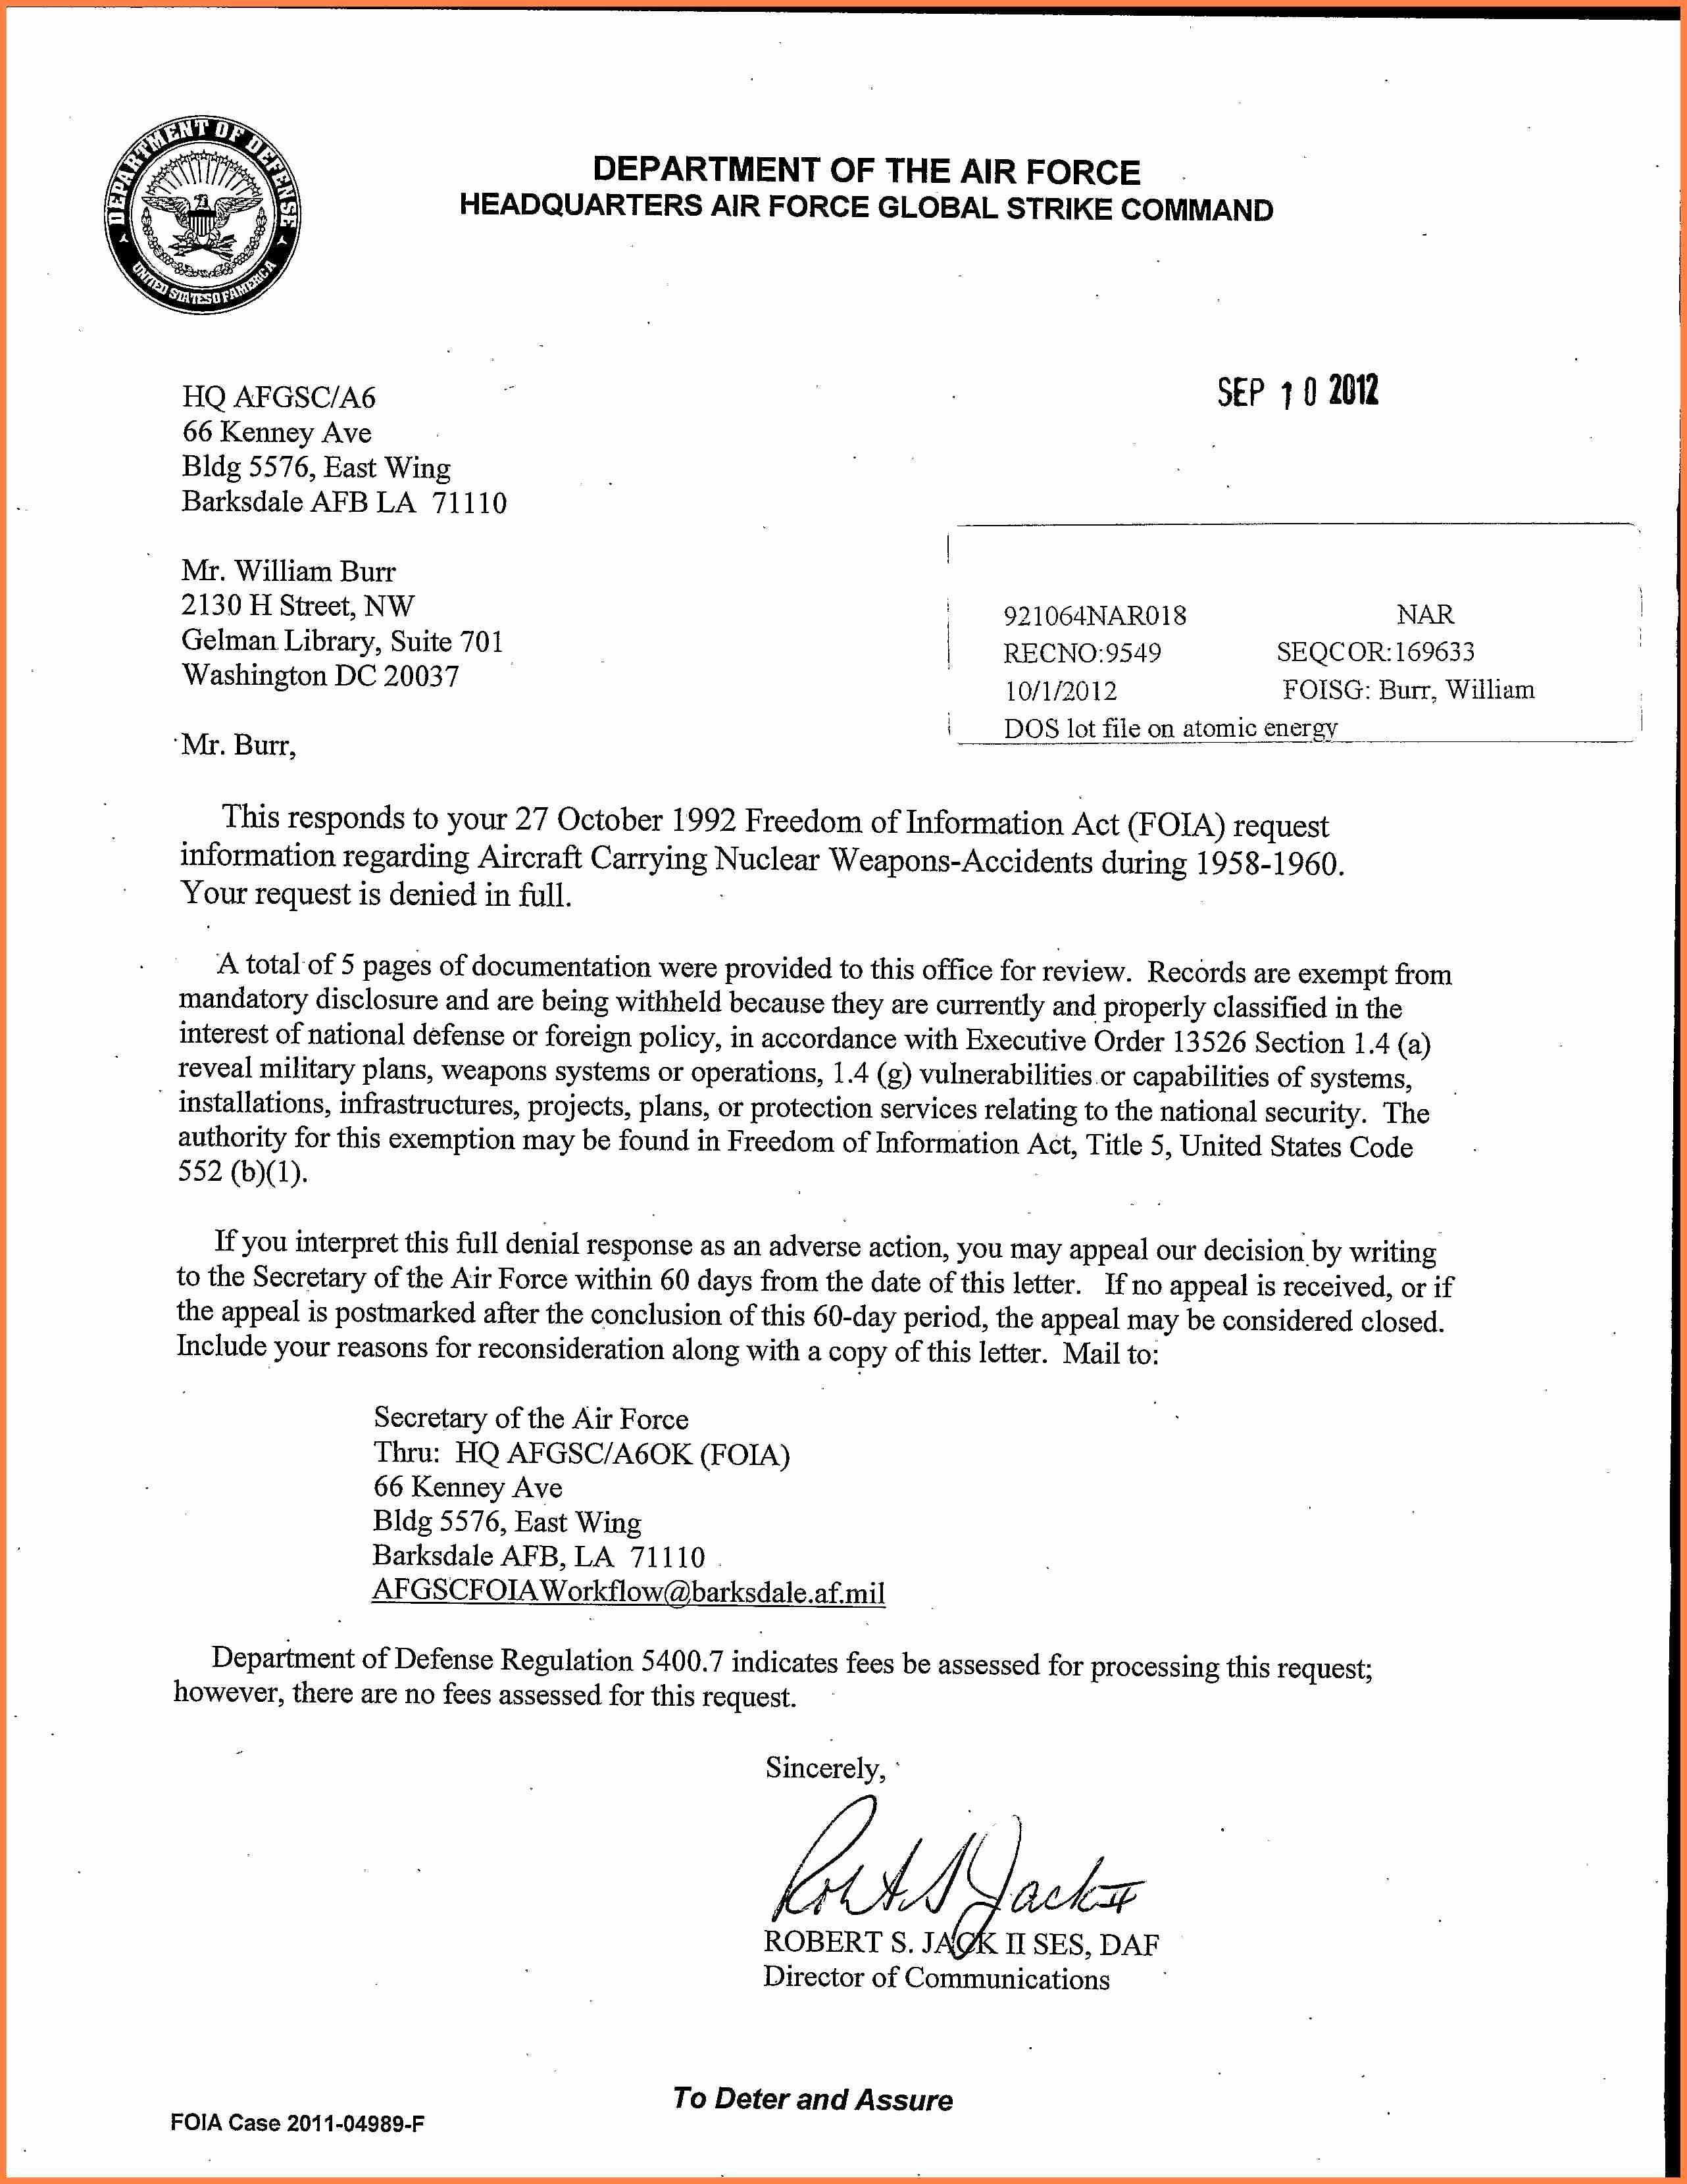 Air force Memorandum Template Elegant 10 Department Of the Air force Letterhead Template